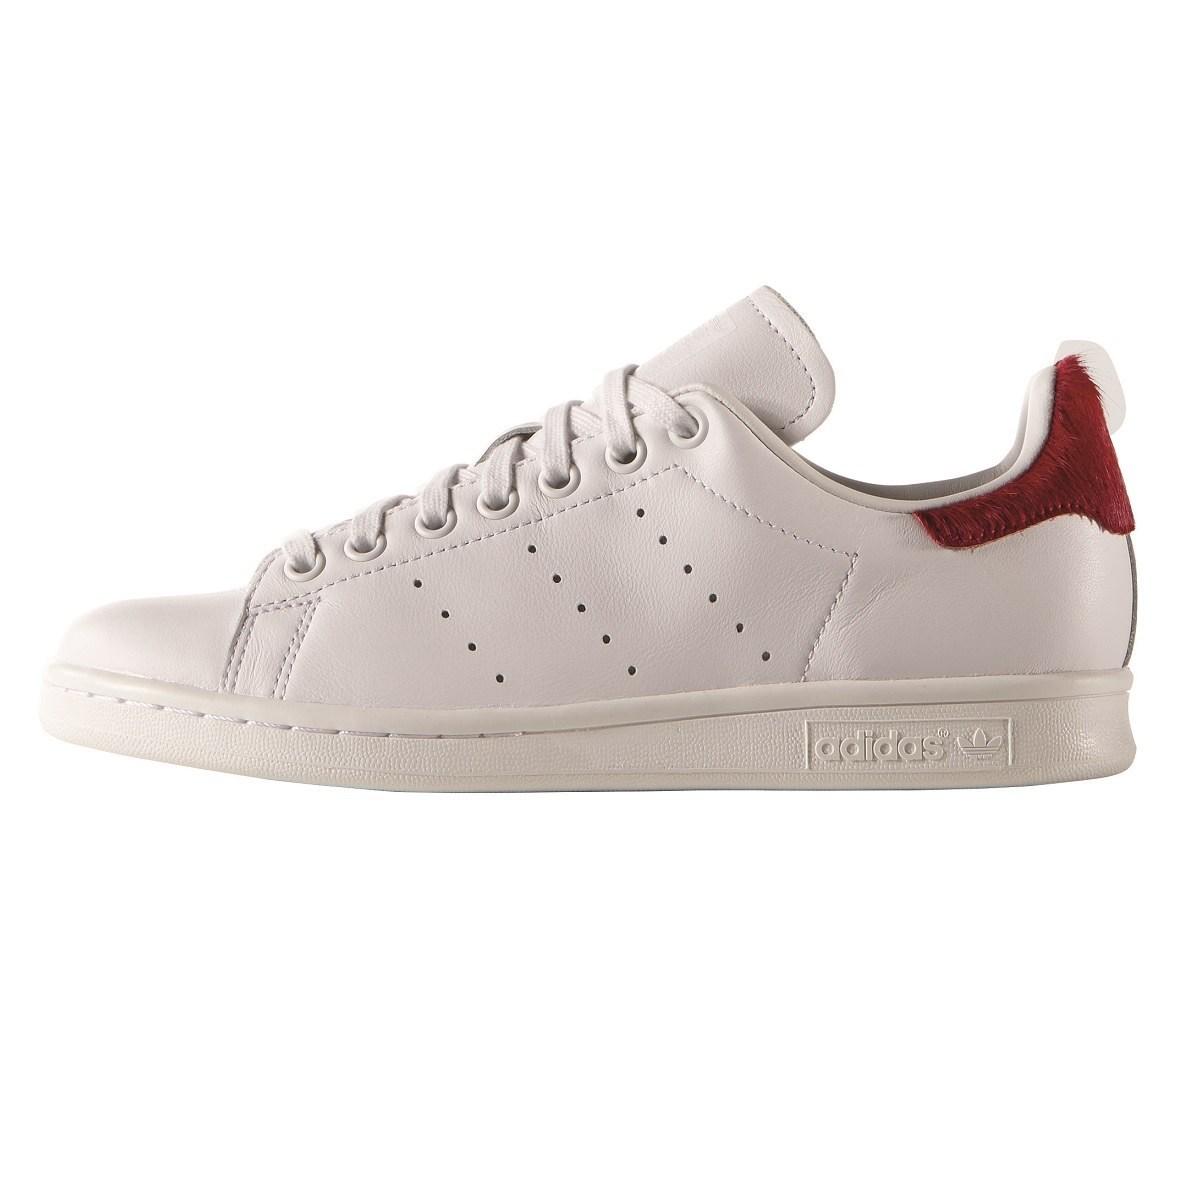 ADIDAS Originals Stan Smith scarpe da ginnastica Sneaker Uomo Donna Scarpe classiche da uomo